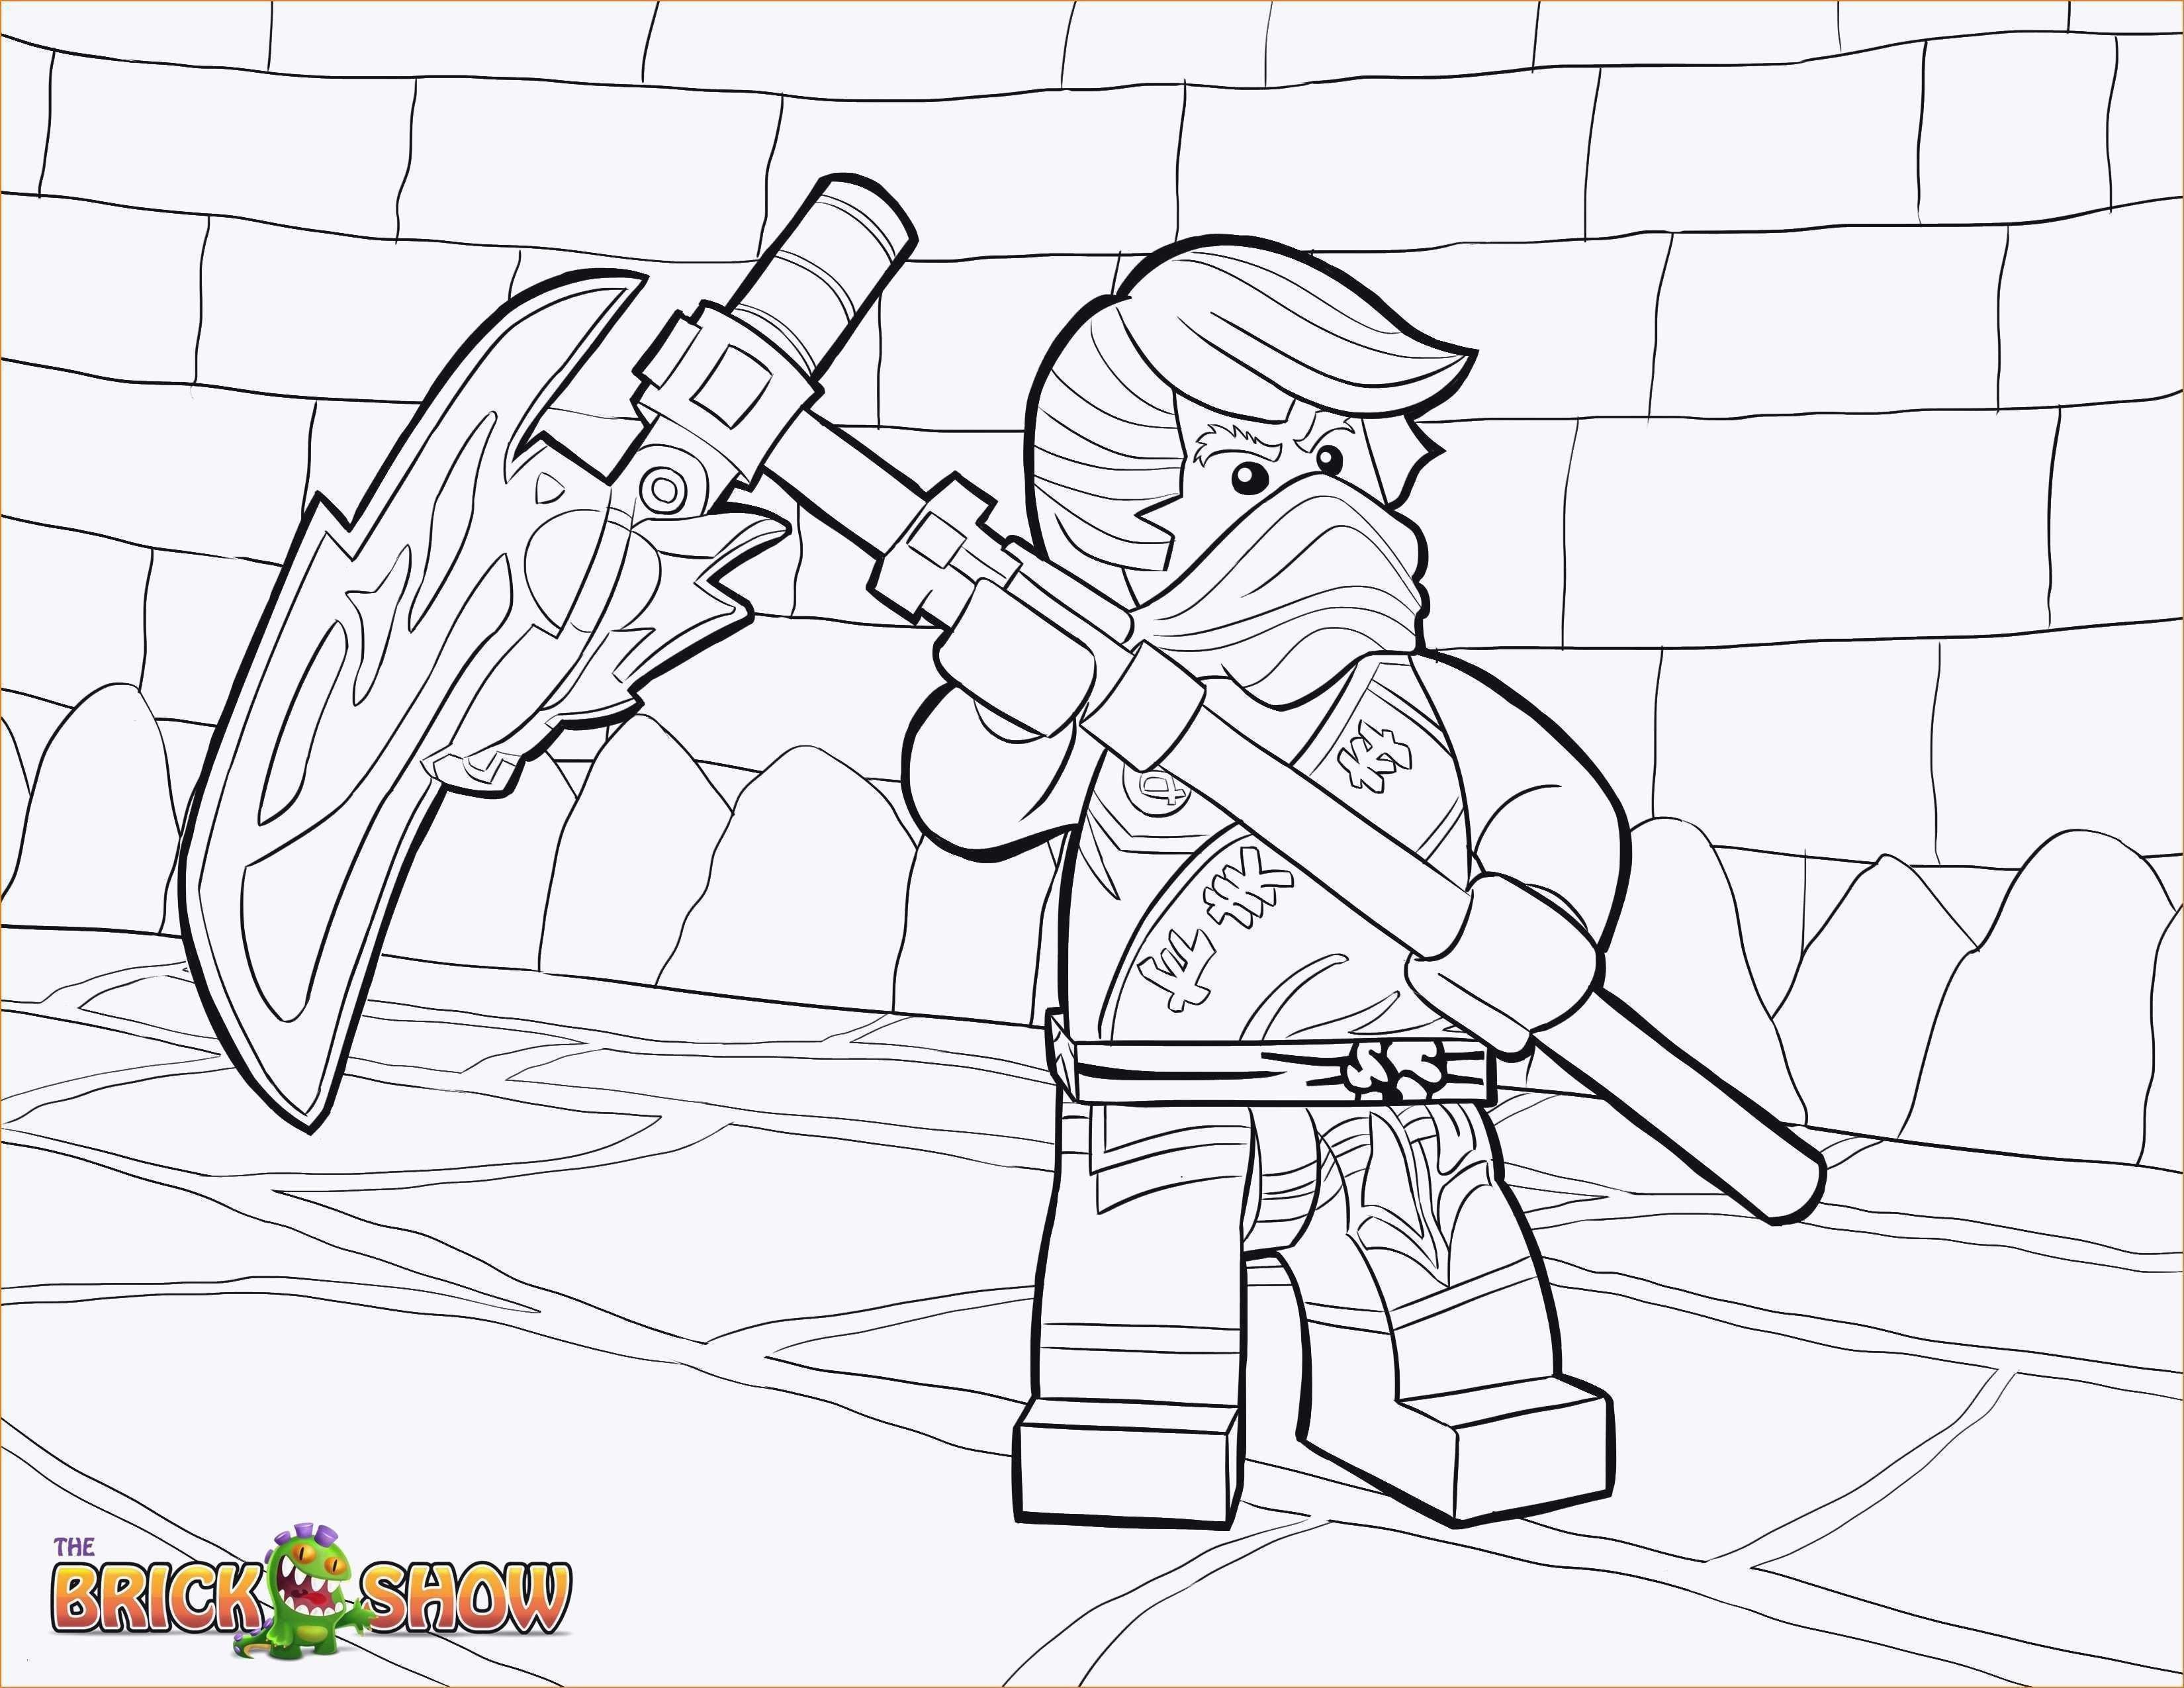 Ninjago Ausmalbilder Lego Frisch Ausmalbilder Lego Ninjago Morro Schön Malvorlagen Ninjago Lloyd Neu Bild